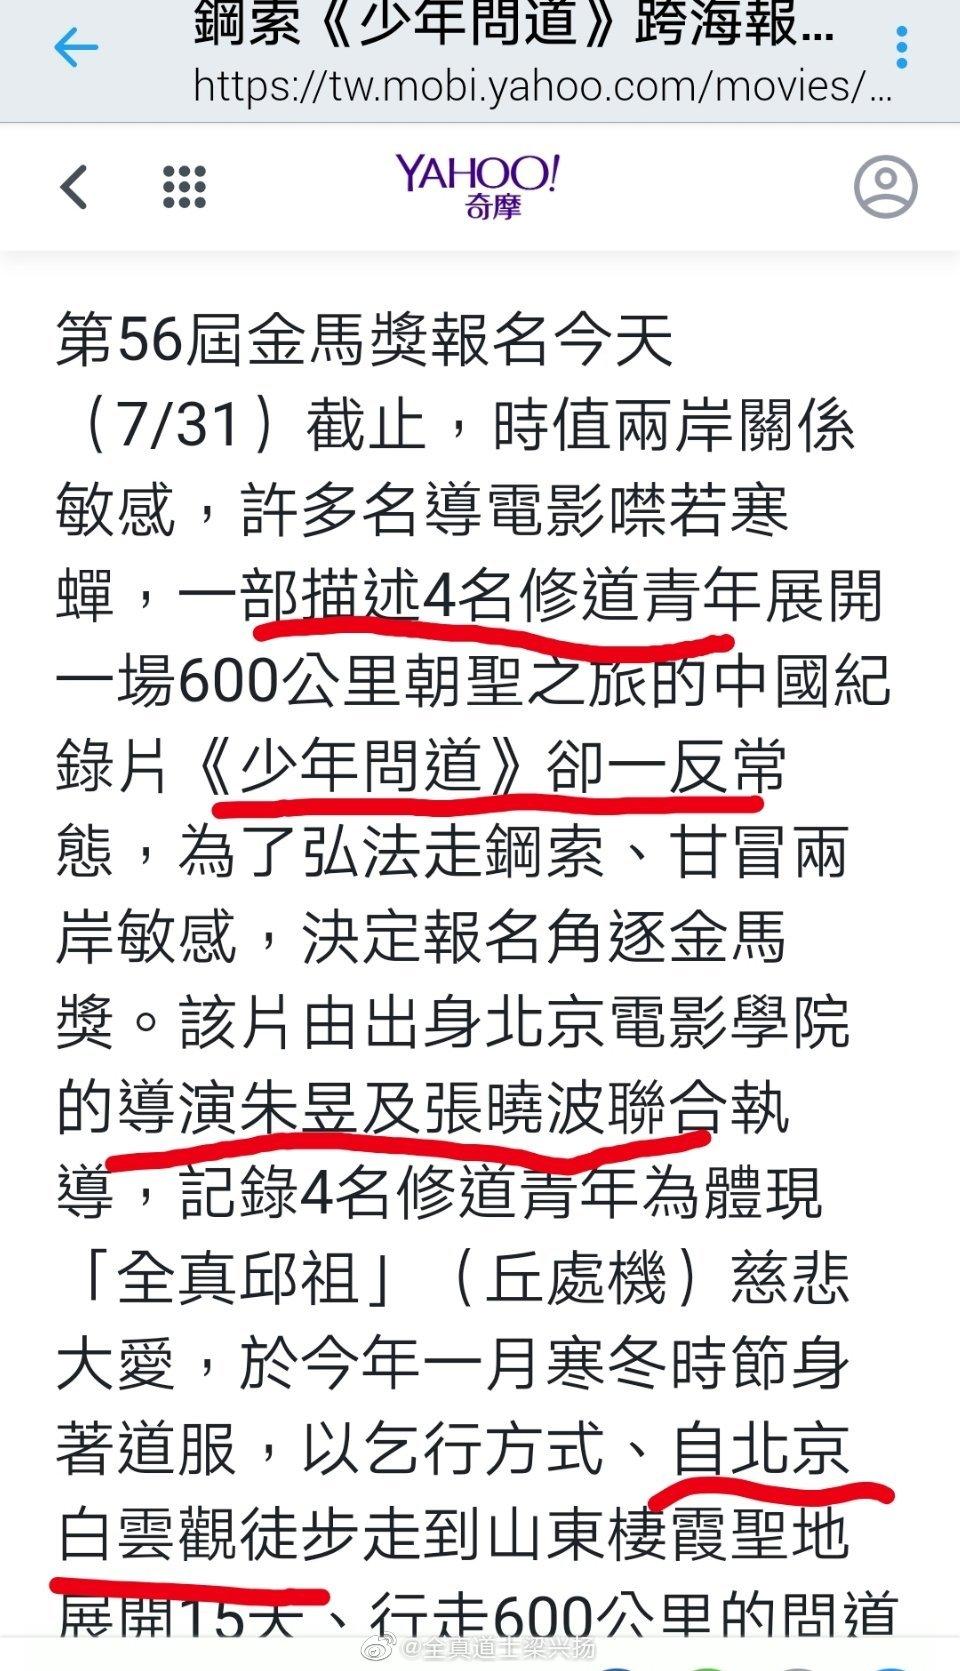 编辑记录,与北京电影学院无关,后来加上与张晓波无关